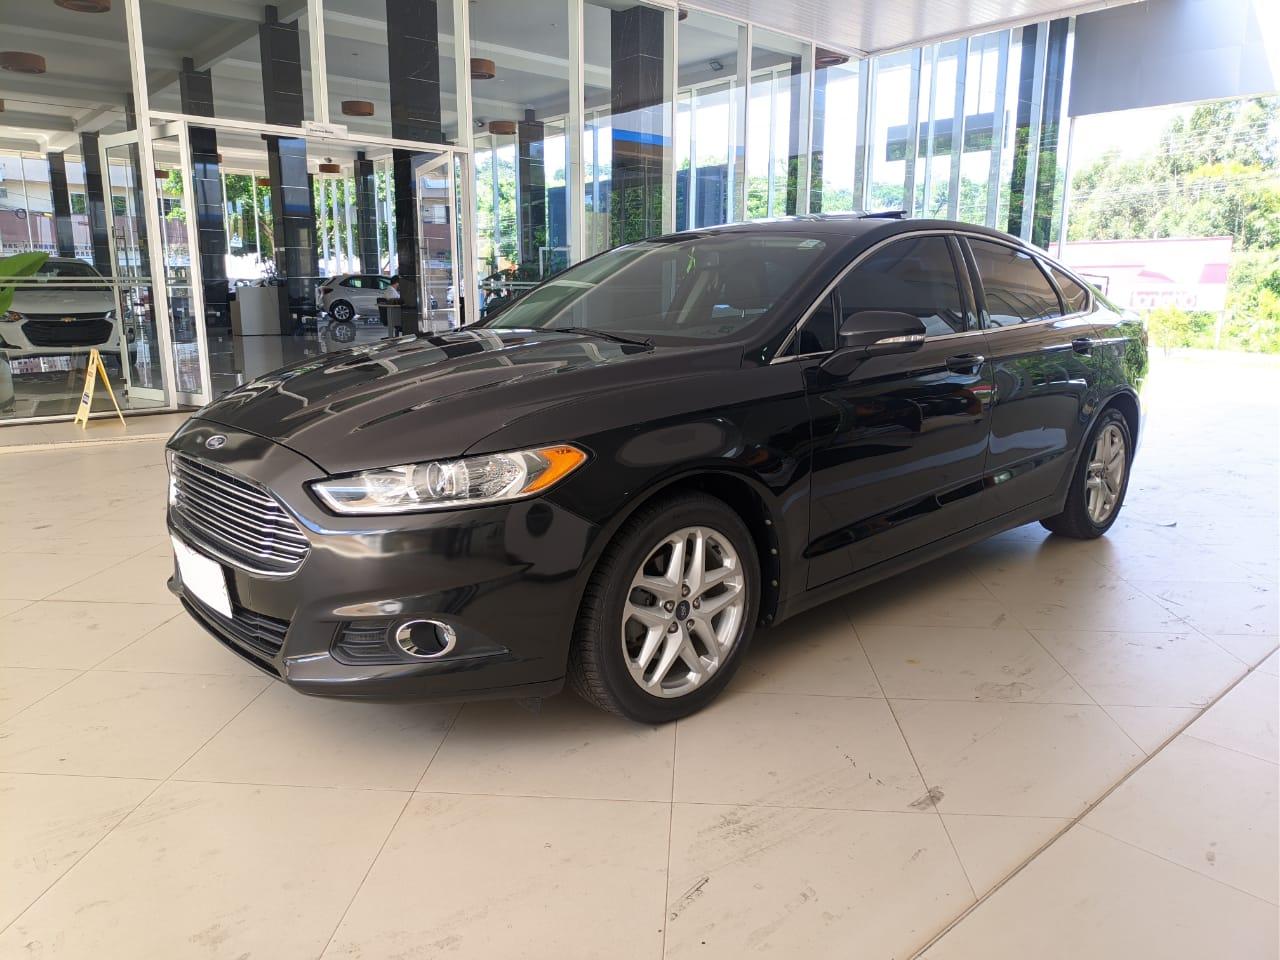 Ford Fusion SE 2.0L 2013